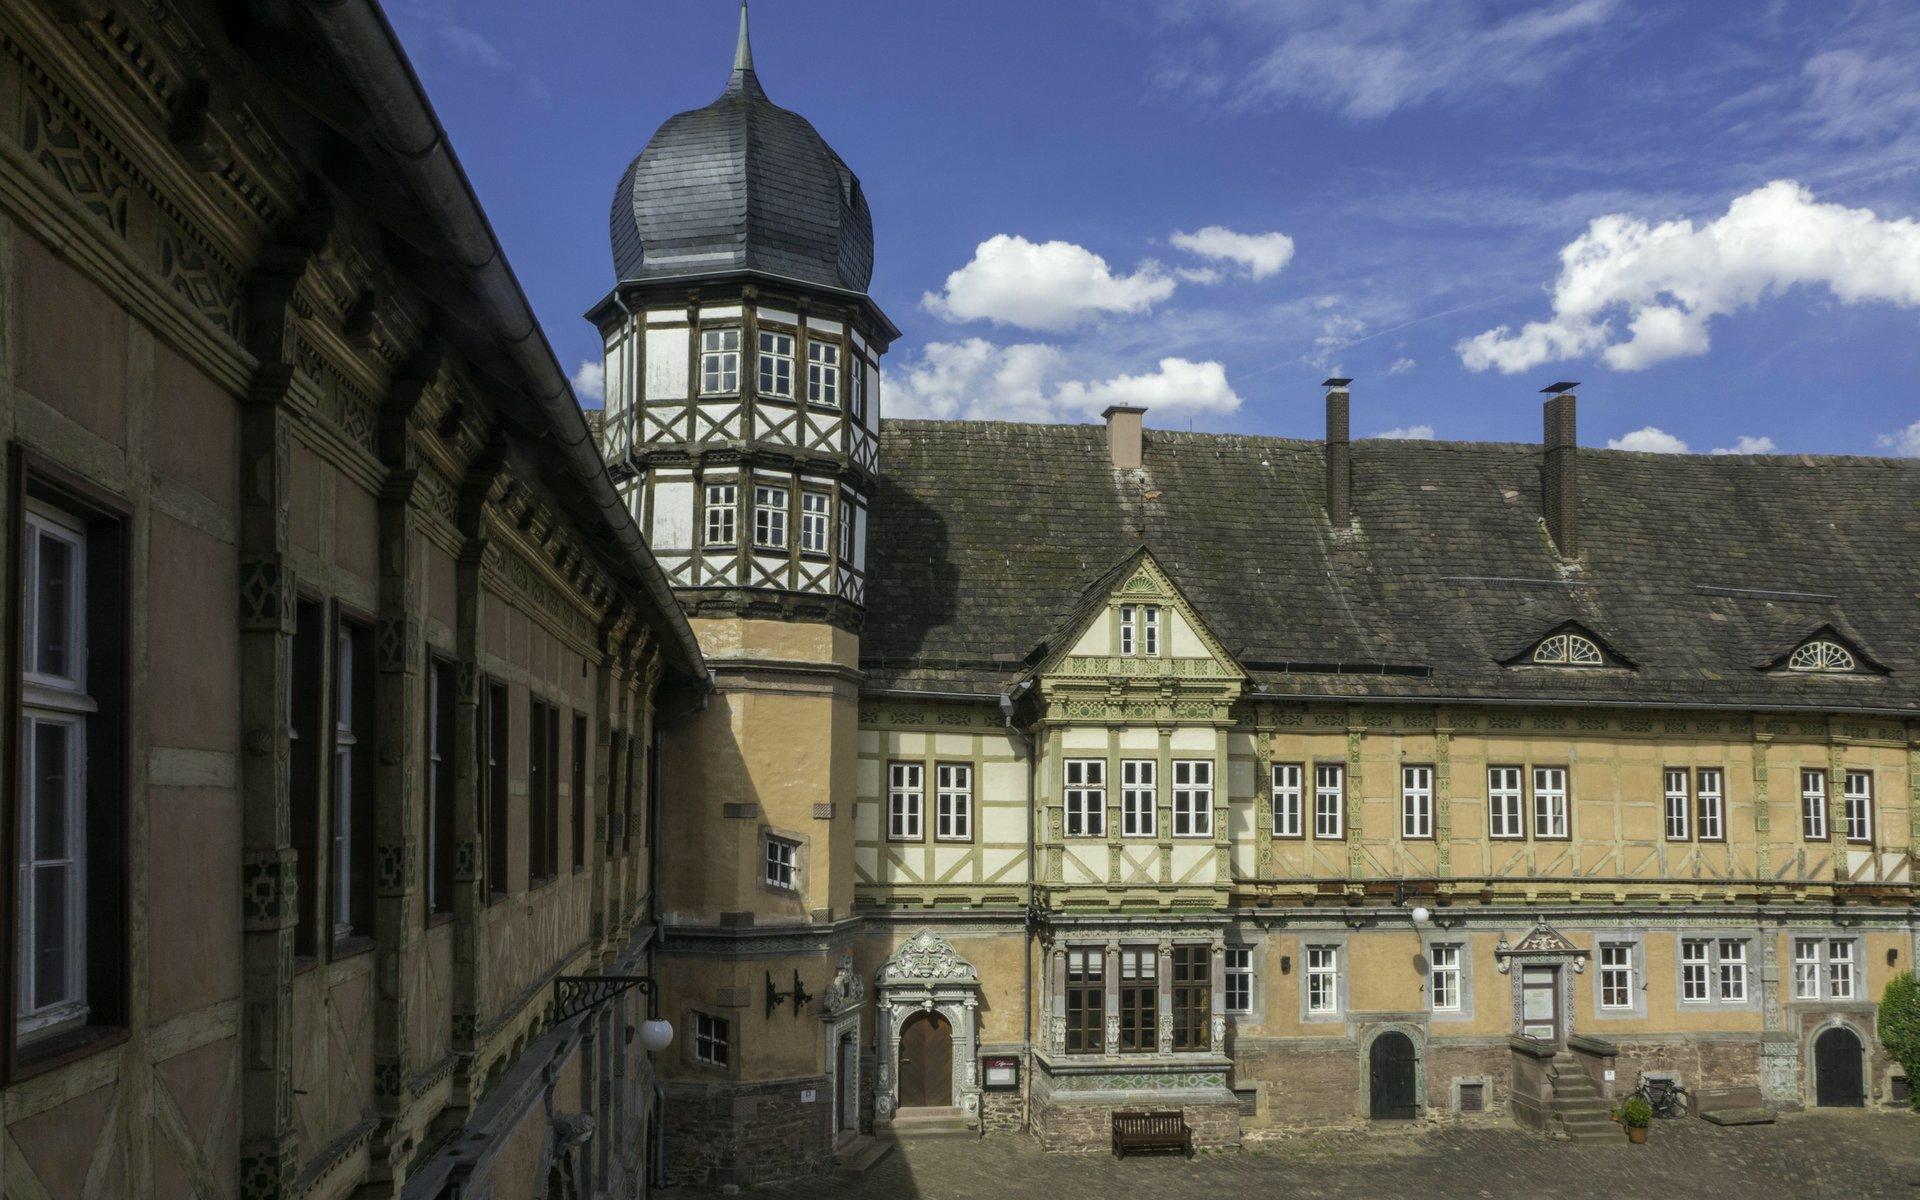 Innenhof und Nordwestturm von Schloss Bevern